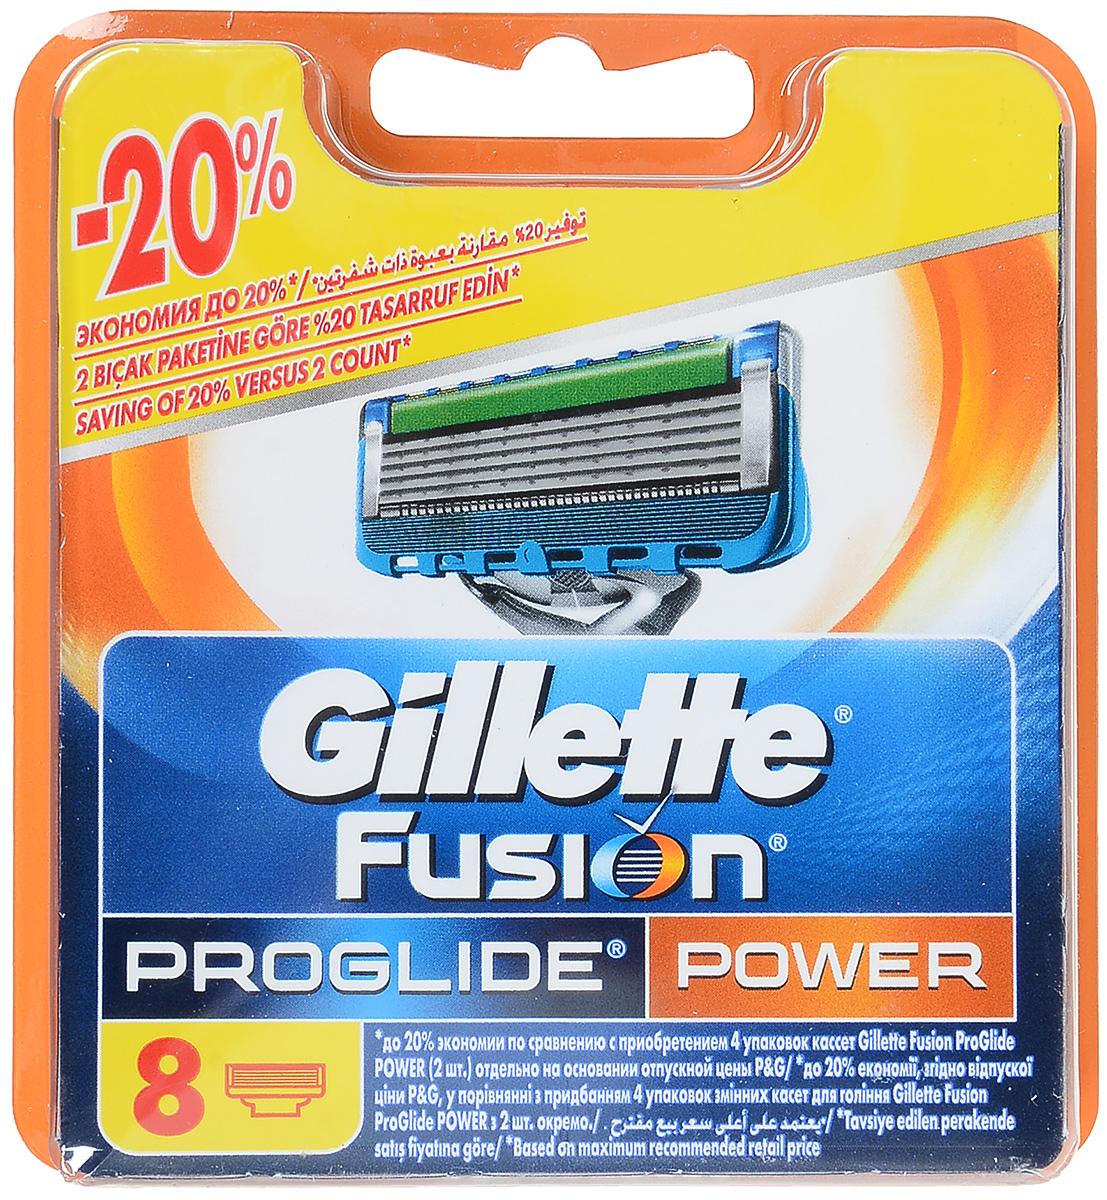 Gillette Сменные кассеты для бритья Fusion ProGlide Power, 8 штGIL-84854236Gillette - лучше для мужчины нет!Gillette Fusion ProGlide Power – это самая инновационная бритва от Gillette, которая обеспечивает действительно революционное скольжение и гладкость бритья.Новая бритва оснащена самыми тонкими лезвиями от Gillette со специальным покрытием, снижающим сопротивление. Для революционного скольжения и невероятной гладкости бритья, даже по сравнению с Fusion.Невооруженным глазом вы можете не заметить все последние инновации в НОВЫХ бритвах Gillette Fusion ProGlide и Gillette Fusion ProGlide Power, но после первого раза вы почувствуете, что бритье превратилось в скольжение.При покупке упаковки сменных кассет ProGlide или ProGlide Power из 8 шт. вы экономите до 20% по сравнению с покупкой четырех упаковок из 2 шт. (на основании отпускной цены Procter&Gamble).Самые тонкие лезвия от Gillette для революционного скольжения и гладкости бритья(первые лезвия в кассетах Fusion ProGlide тоньше, чем лезвия Fusion).Расширенная увлажняющая полоска с минеральными маслами и полимерами обеспечивает лучшее скольжение.Каналы для удаления излишков геля гарантируют максимально комфортное бритье.Улучшенное лезвие-триммер оптимизирует бритье на сложных участках: виски, область под носом, шея.Стабилизатор лезвий поддерживает оптимальное расстояние между лезвиями во время бритья.Микрорасческа направляет волоски к лезвию для более гладкого бритья.Товар сертифицирован.